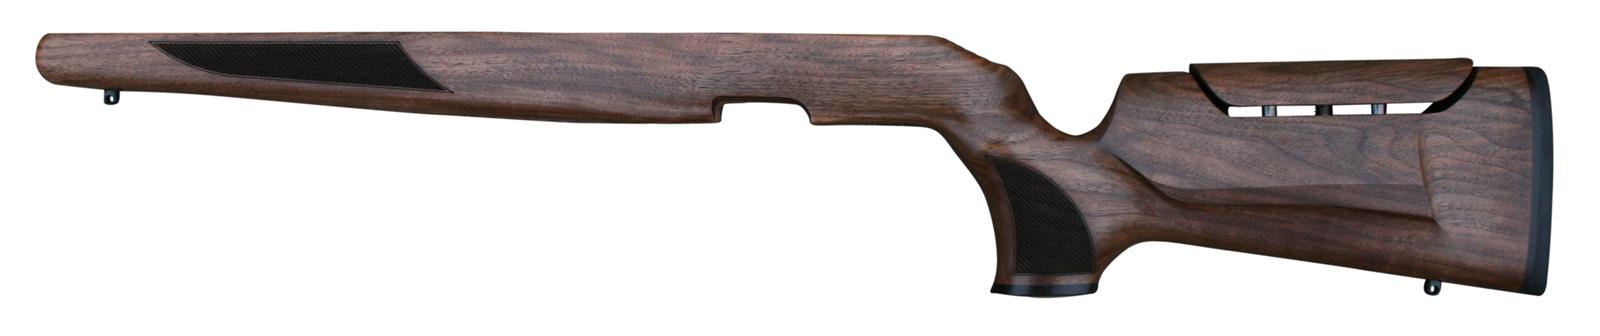 SPT ErgoGrip Modell demi-hunter